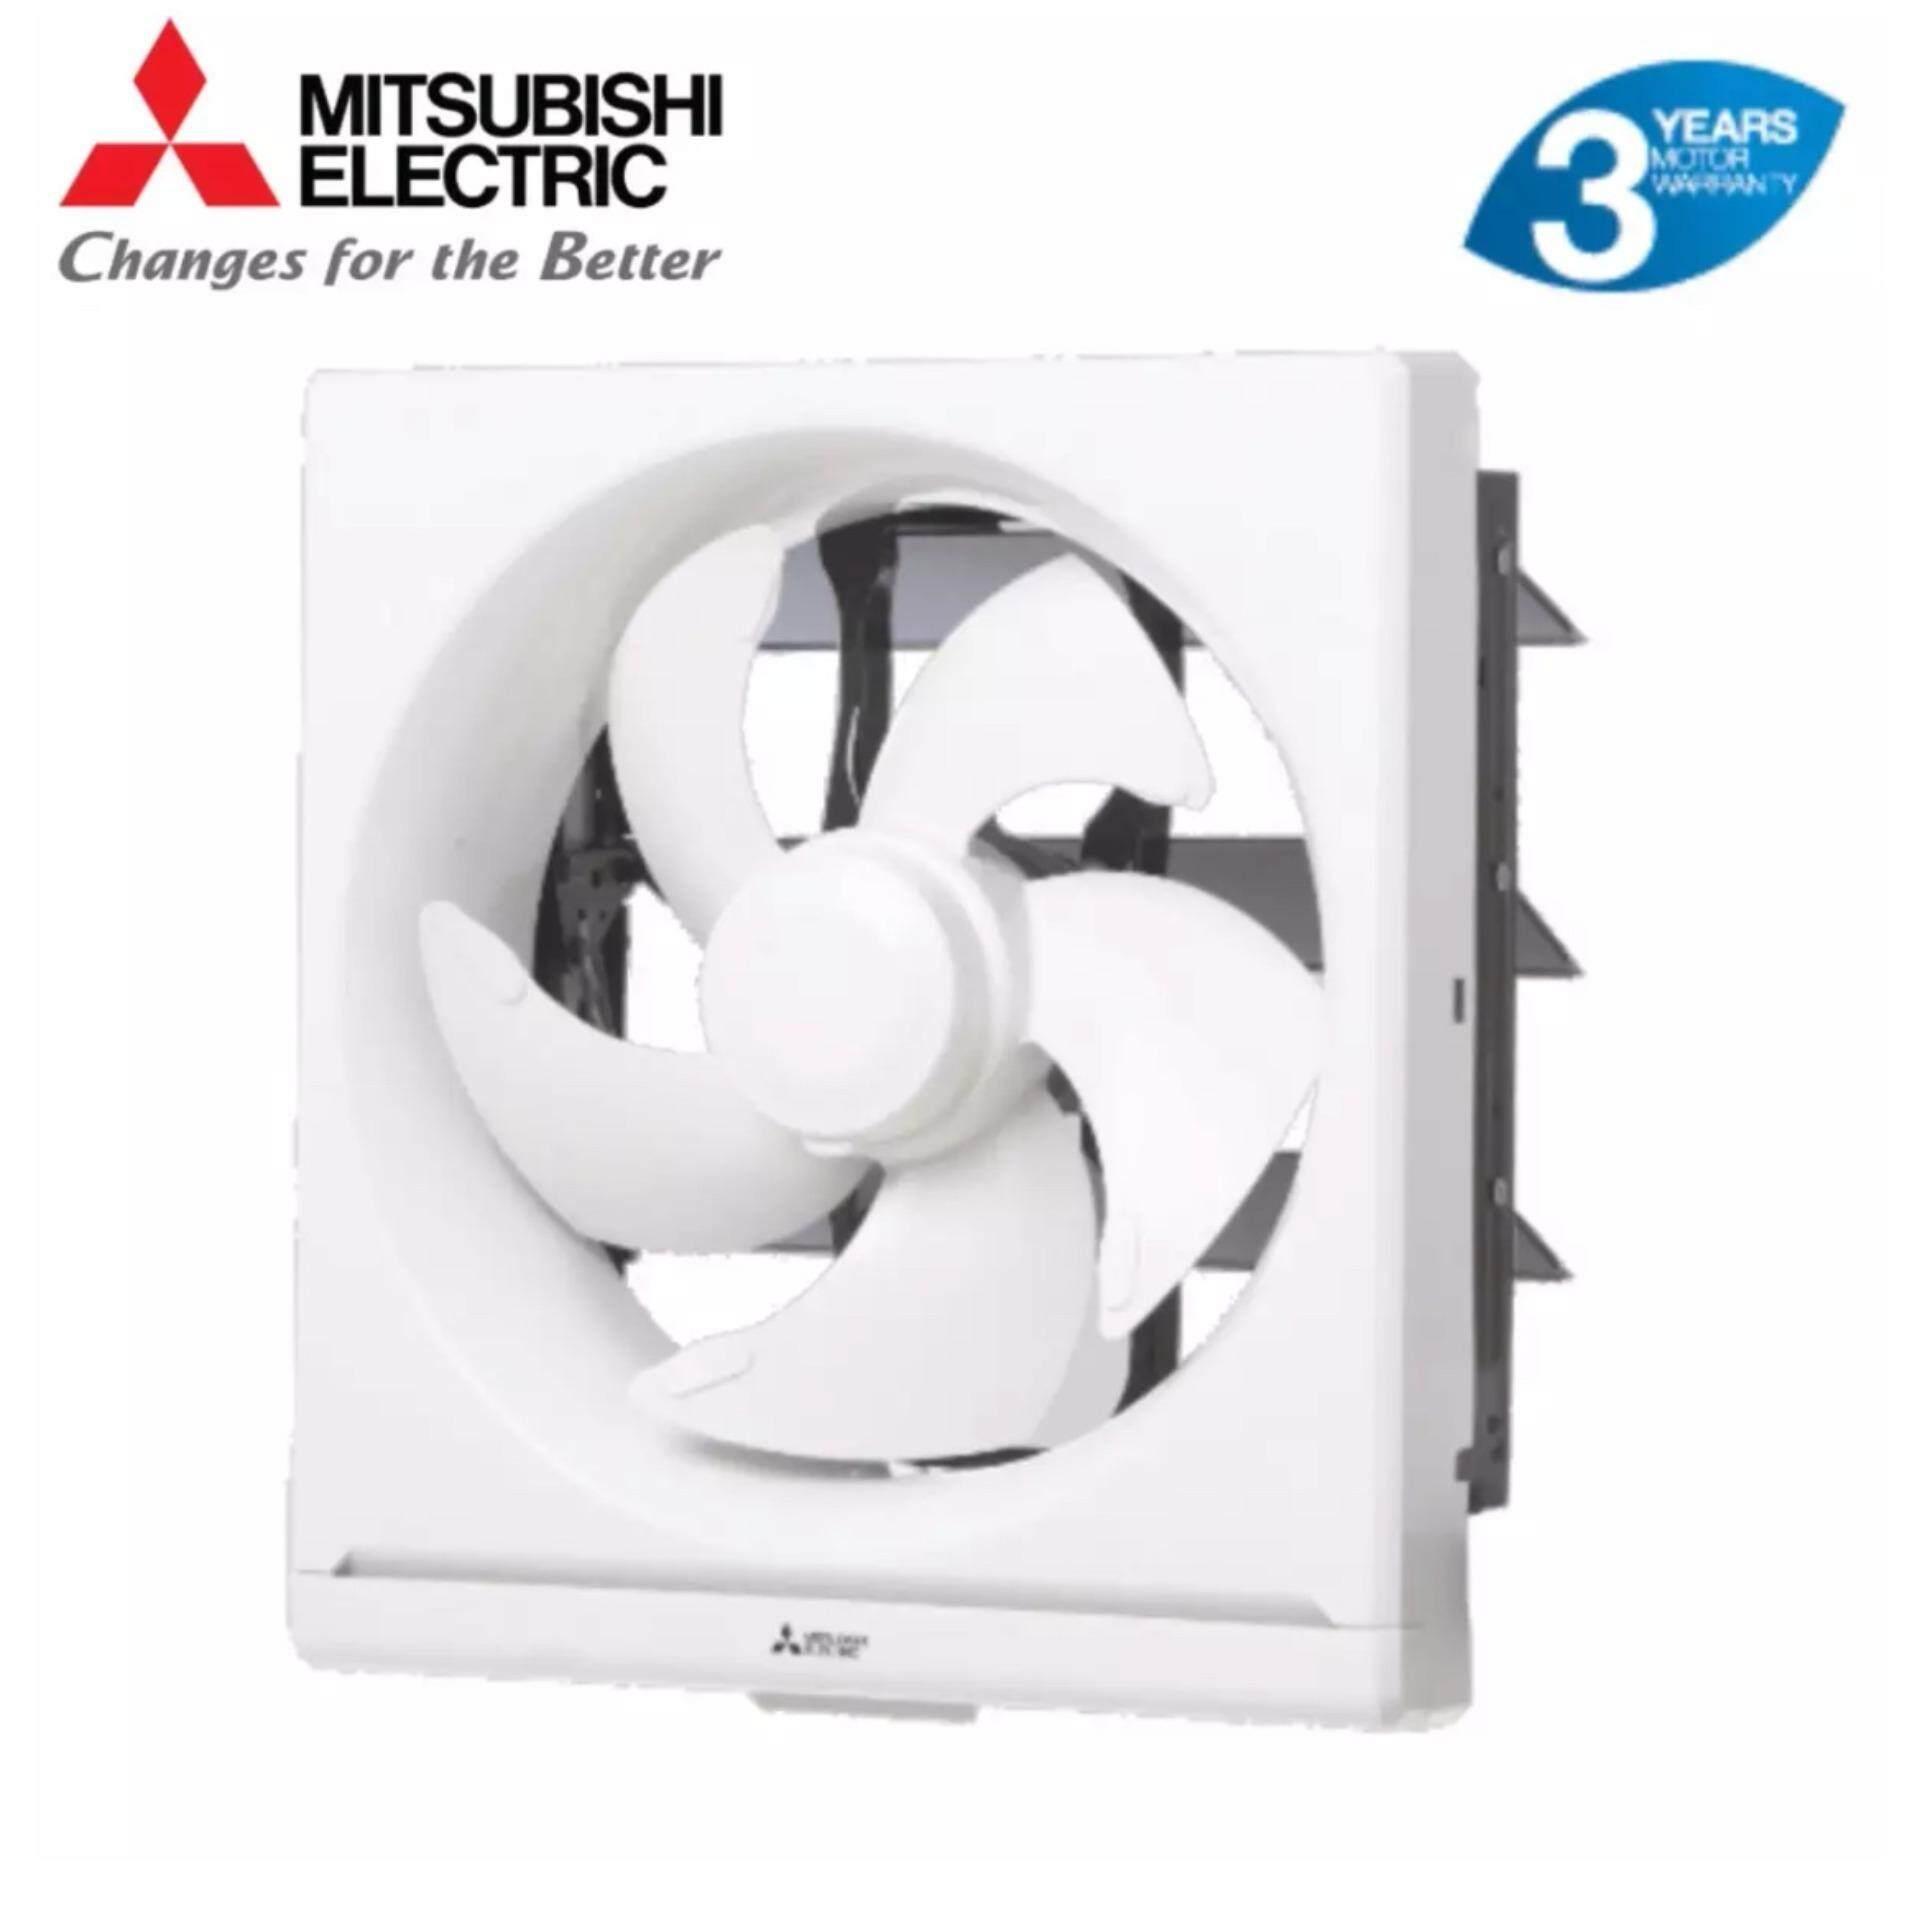 Mitsubishi Ex 25shc5t 10 Wall Type Exhaust Fan